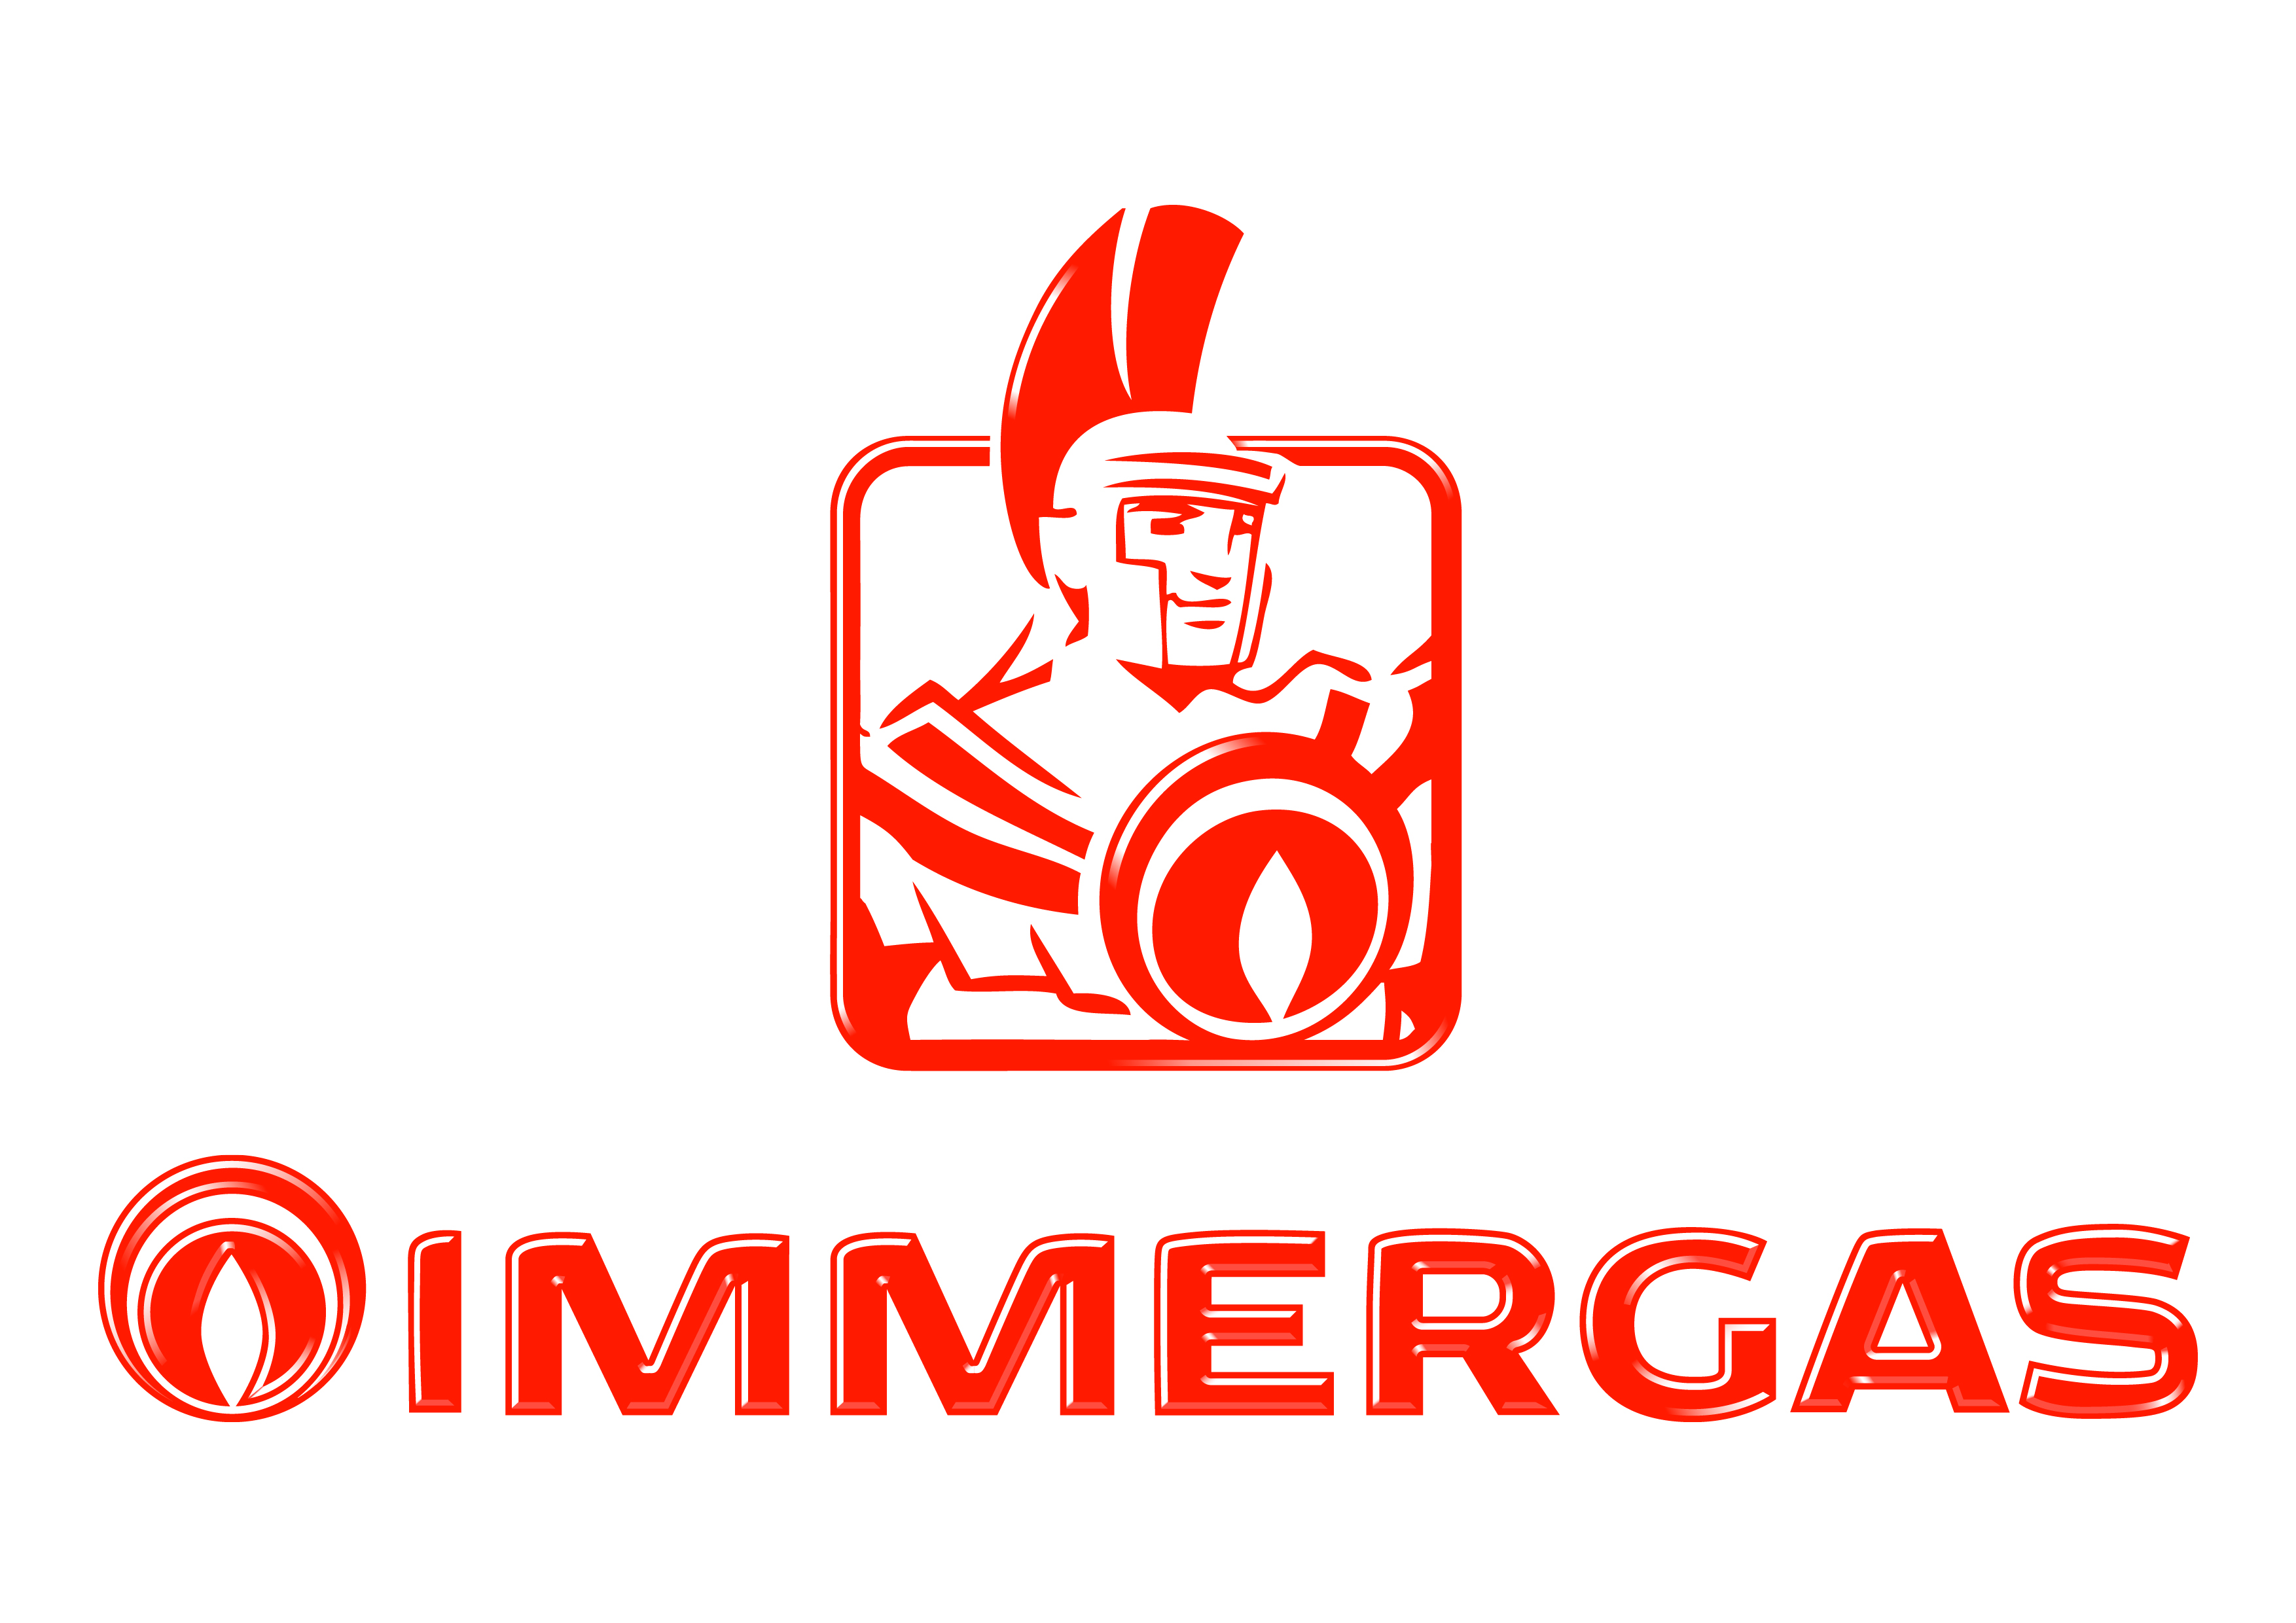 Immergas_003 (3)